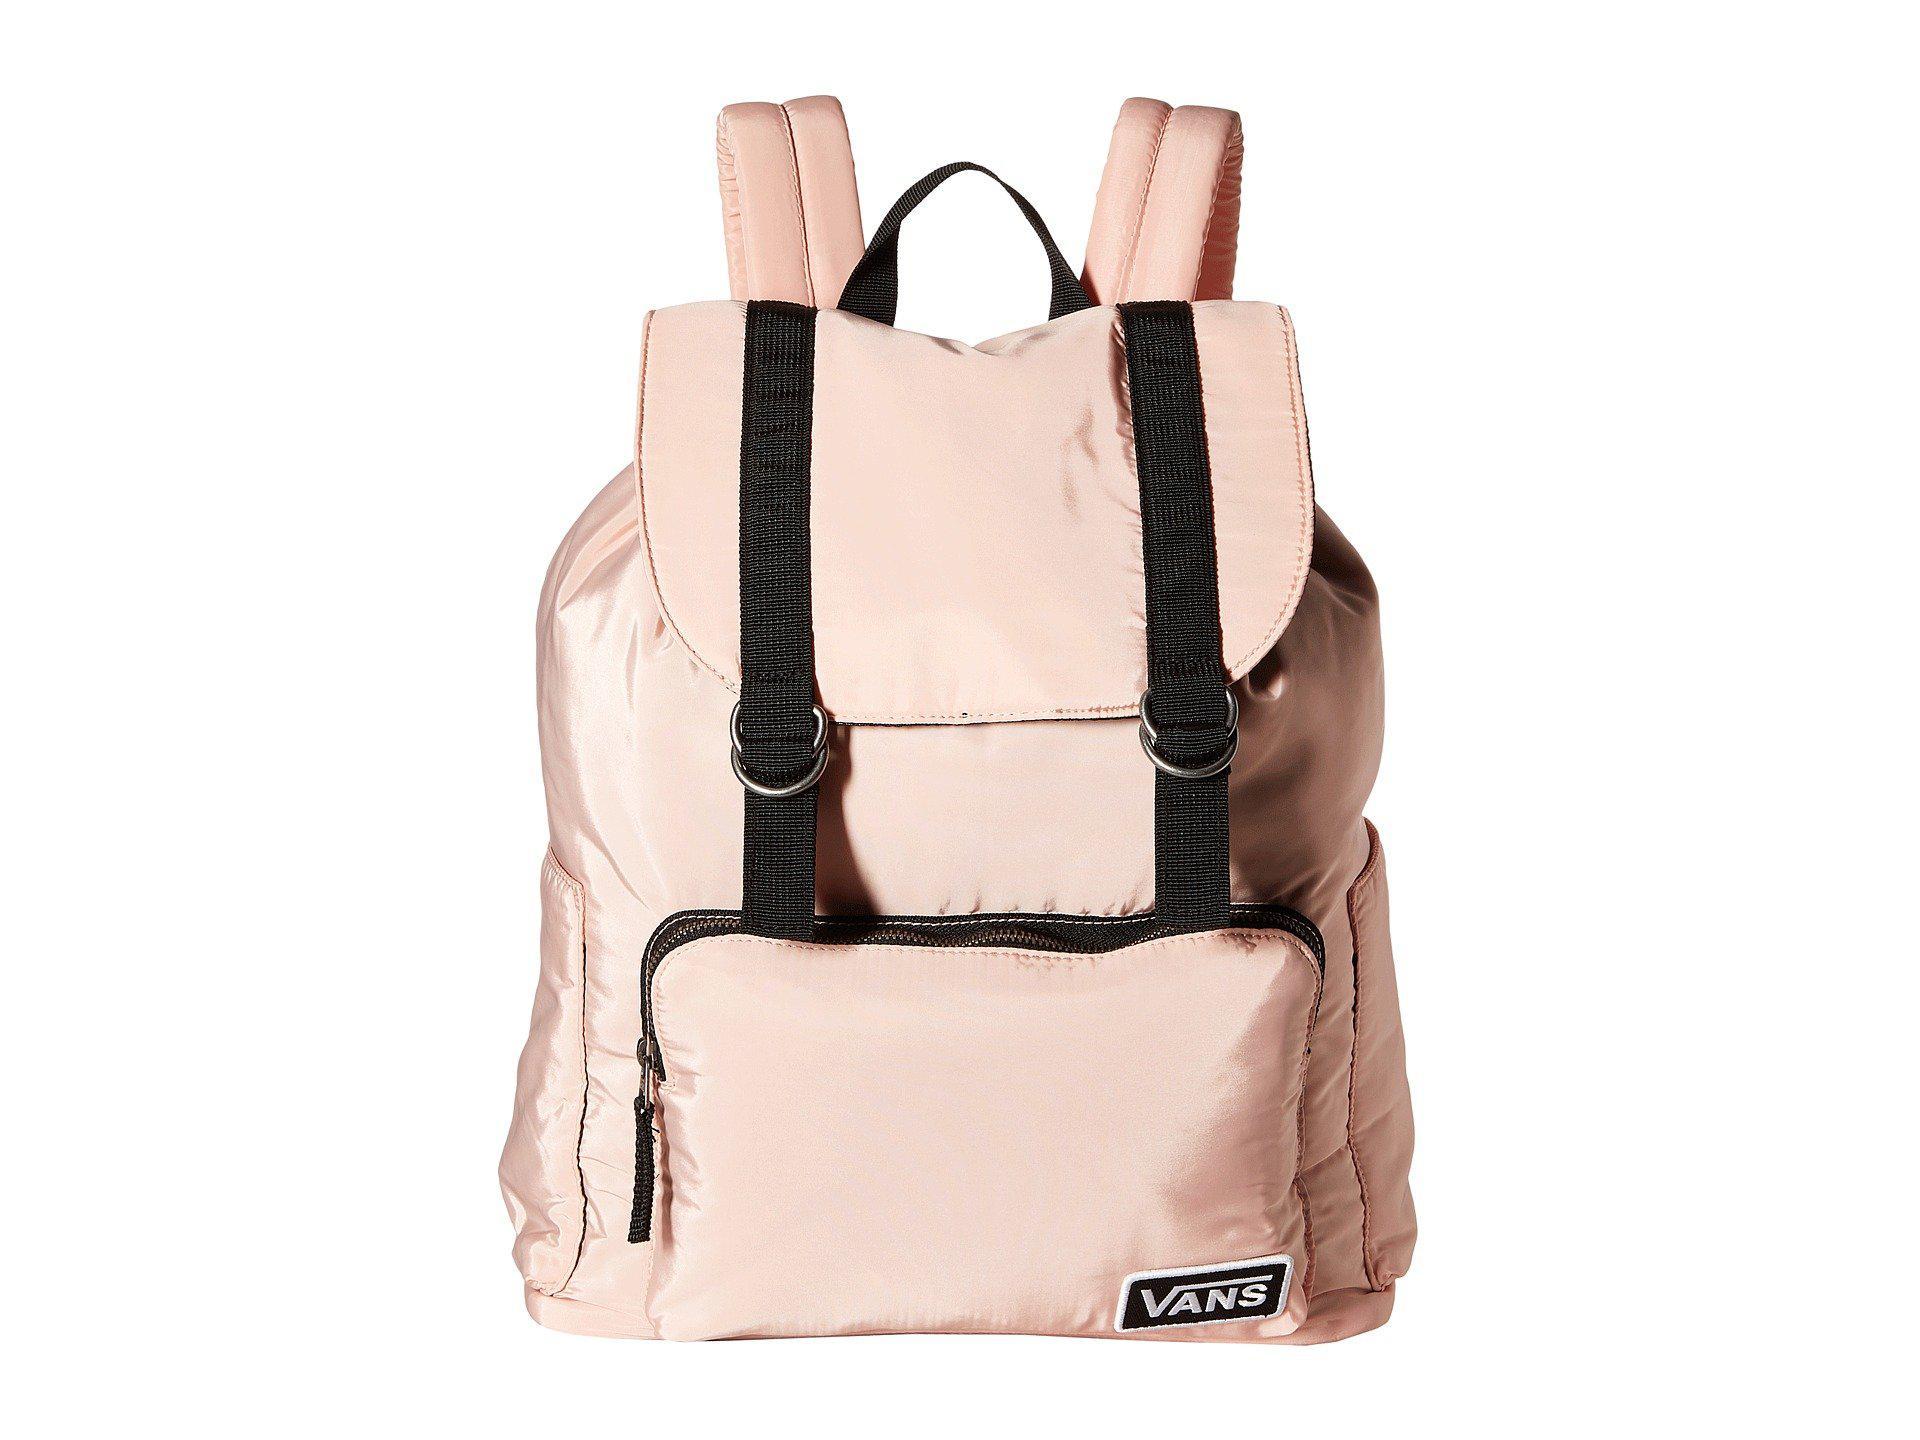 2e479fe323c67 Vans Geomancer Backpack (matte Black) Backpack Bags in Black - Lyst